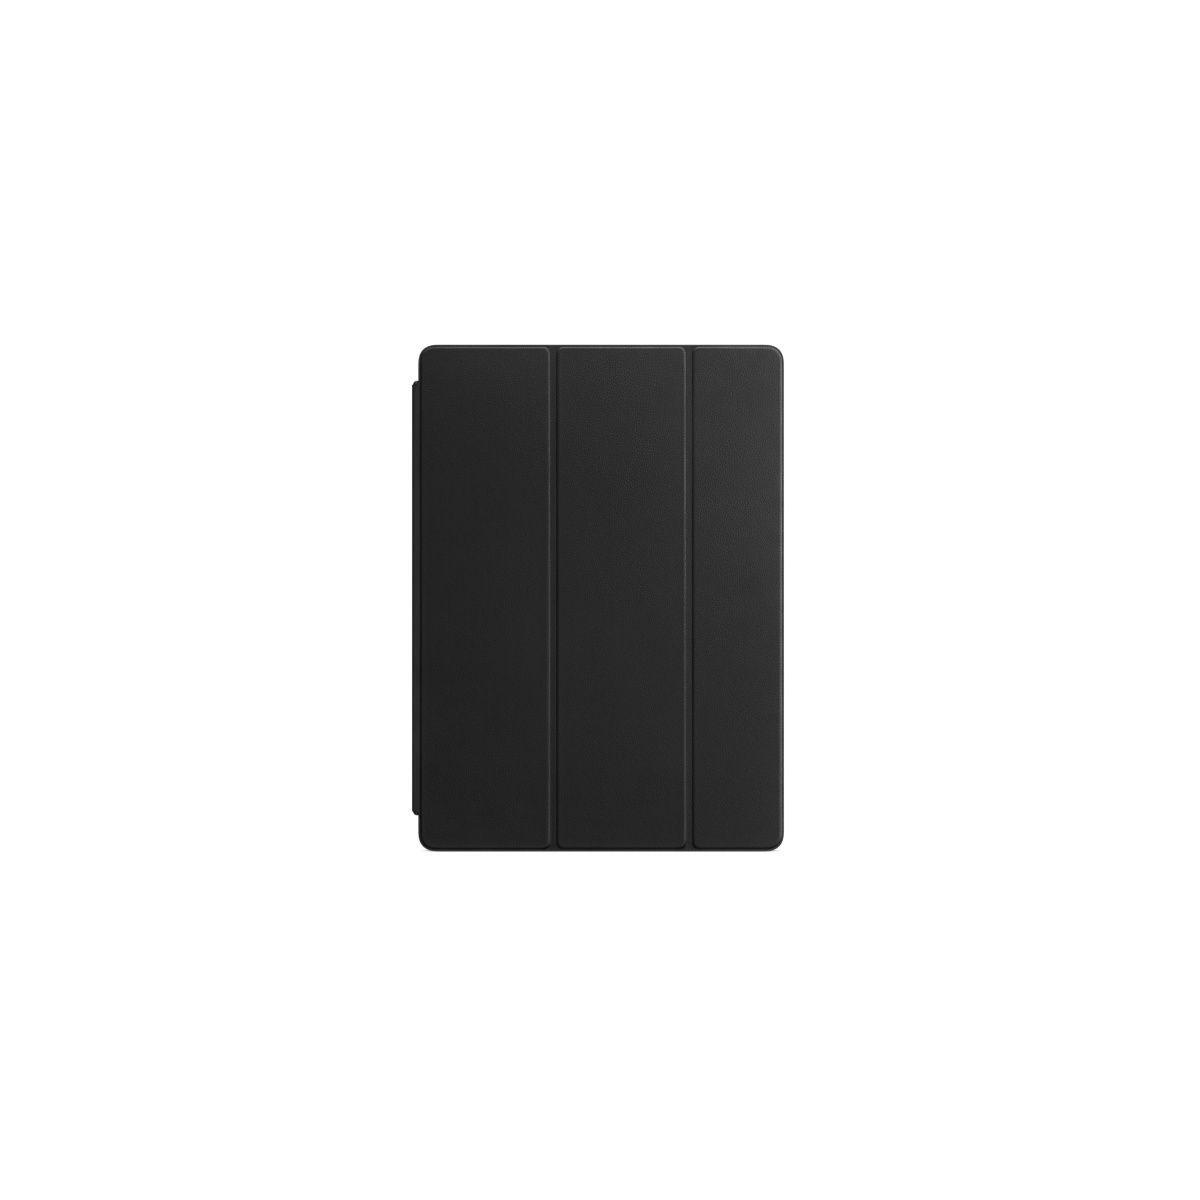 Etui tablette apple smart cover ipad pro 12.9 cuir noir - livraison offerte : code premium (photo)